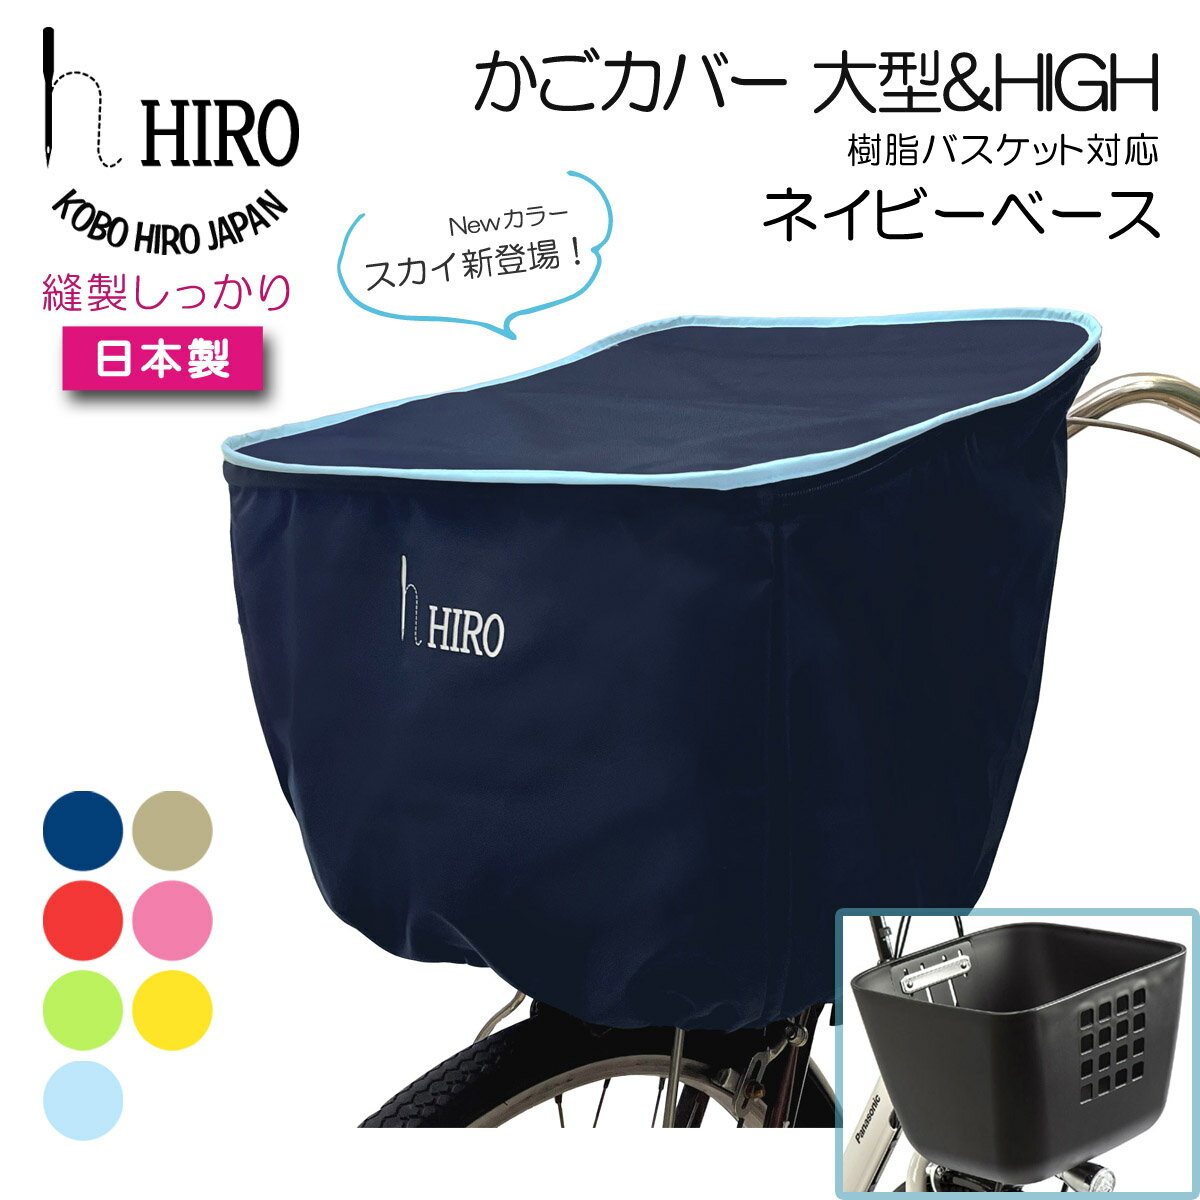 自転車 前かごカバー 大型 & HIGH 日本製 【HIRO (ヒロ) 自転車 前かごカバー 樹脂製 ギュットクルームR スムースデザインバスケット にも対応 高さ アップ 】テフォックス生地(テフロン加工)ネイビーベース 容量アップ!SBC1908-HIGH-JU-NV画像